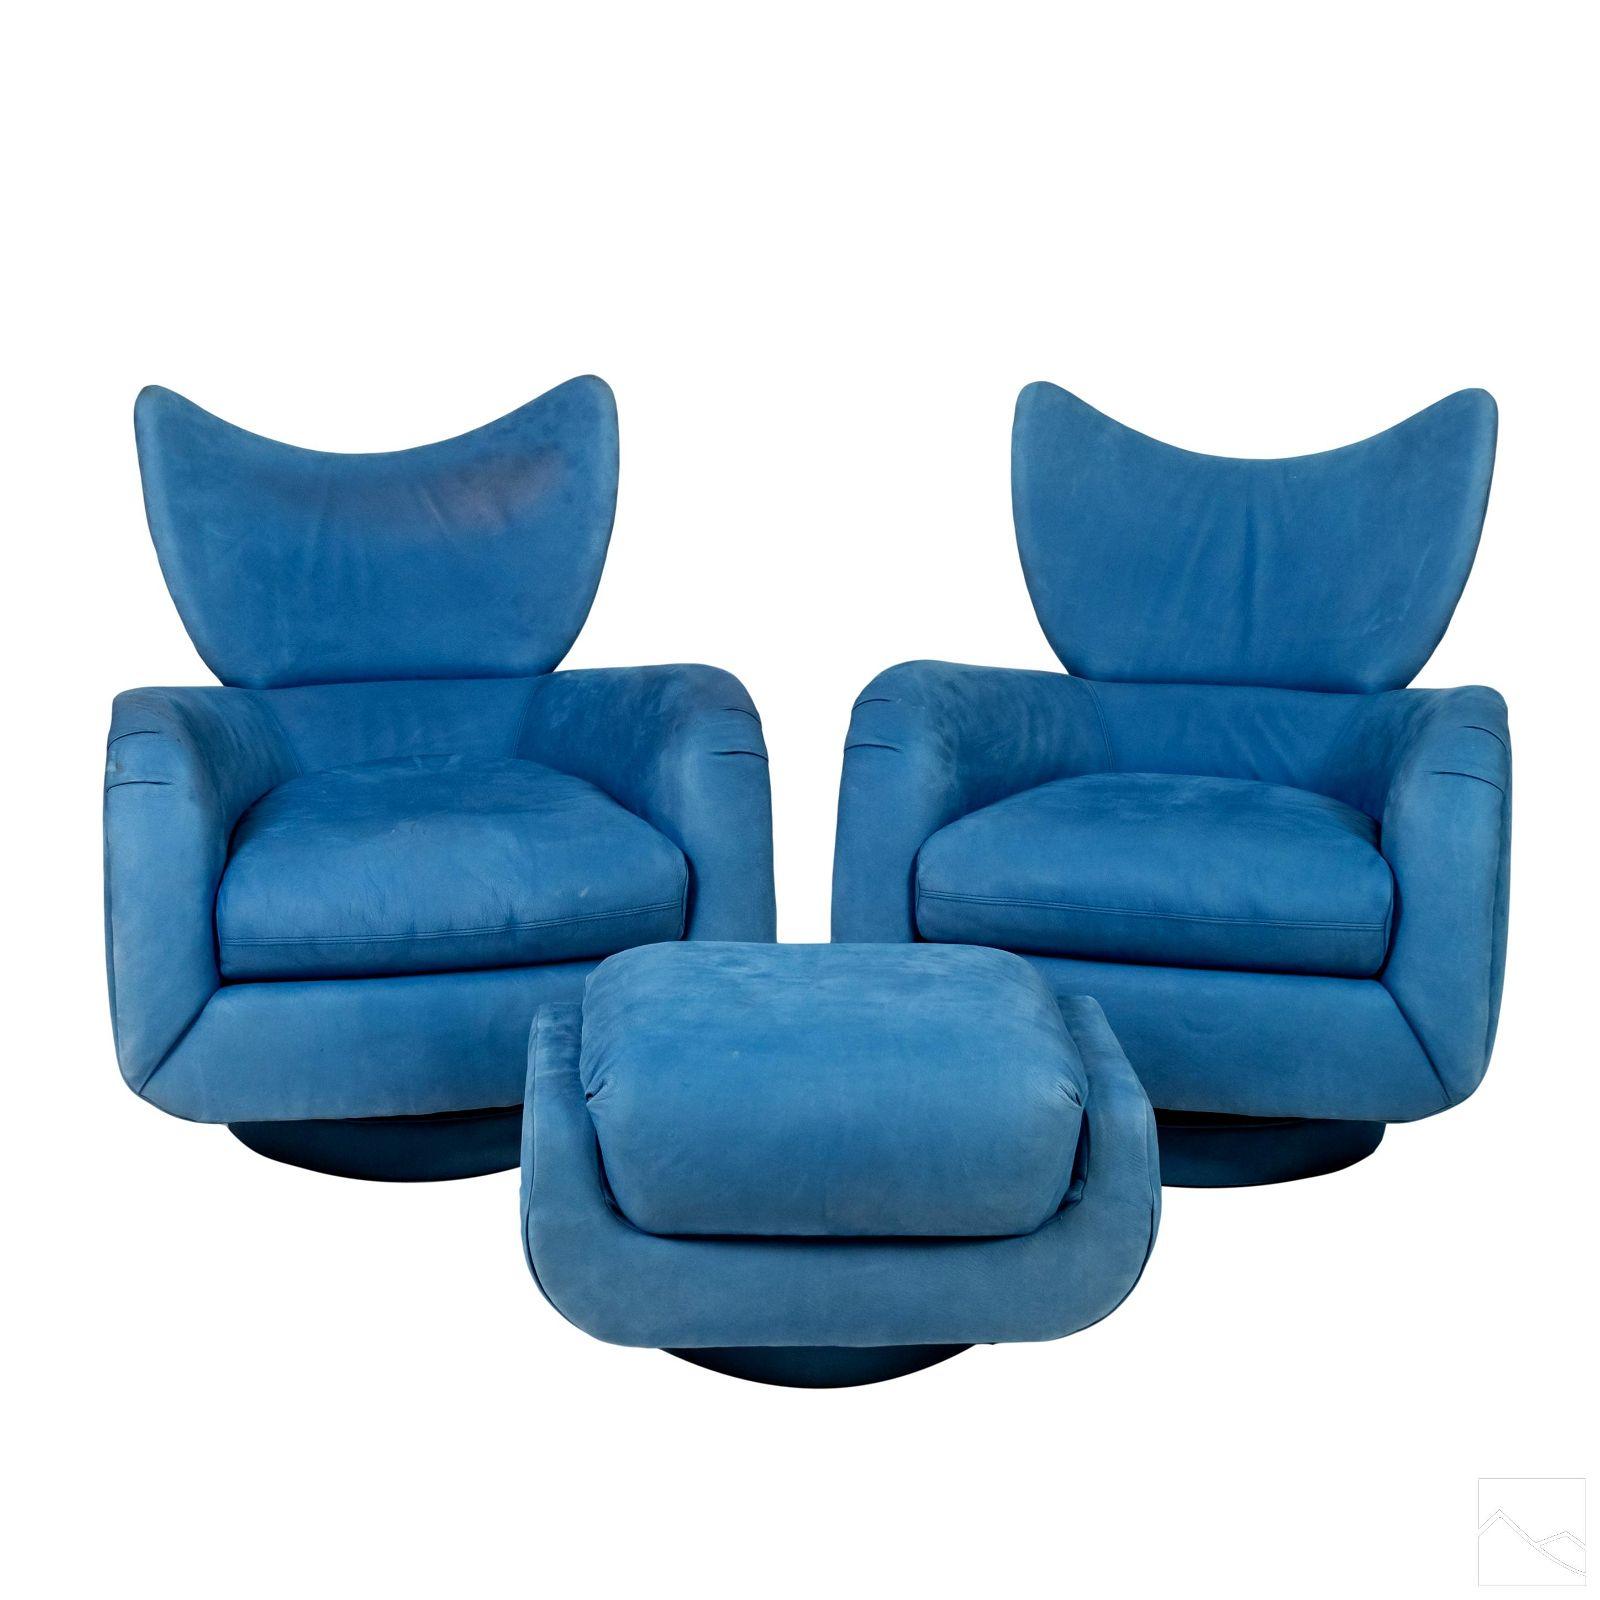 Vladimir Kagan Directional PR Modern Lounge Chairs